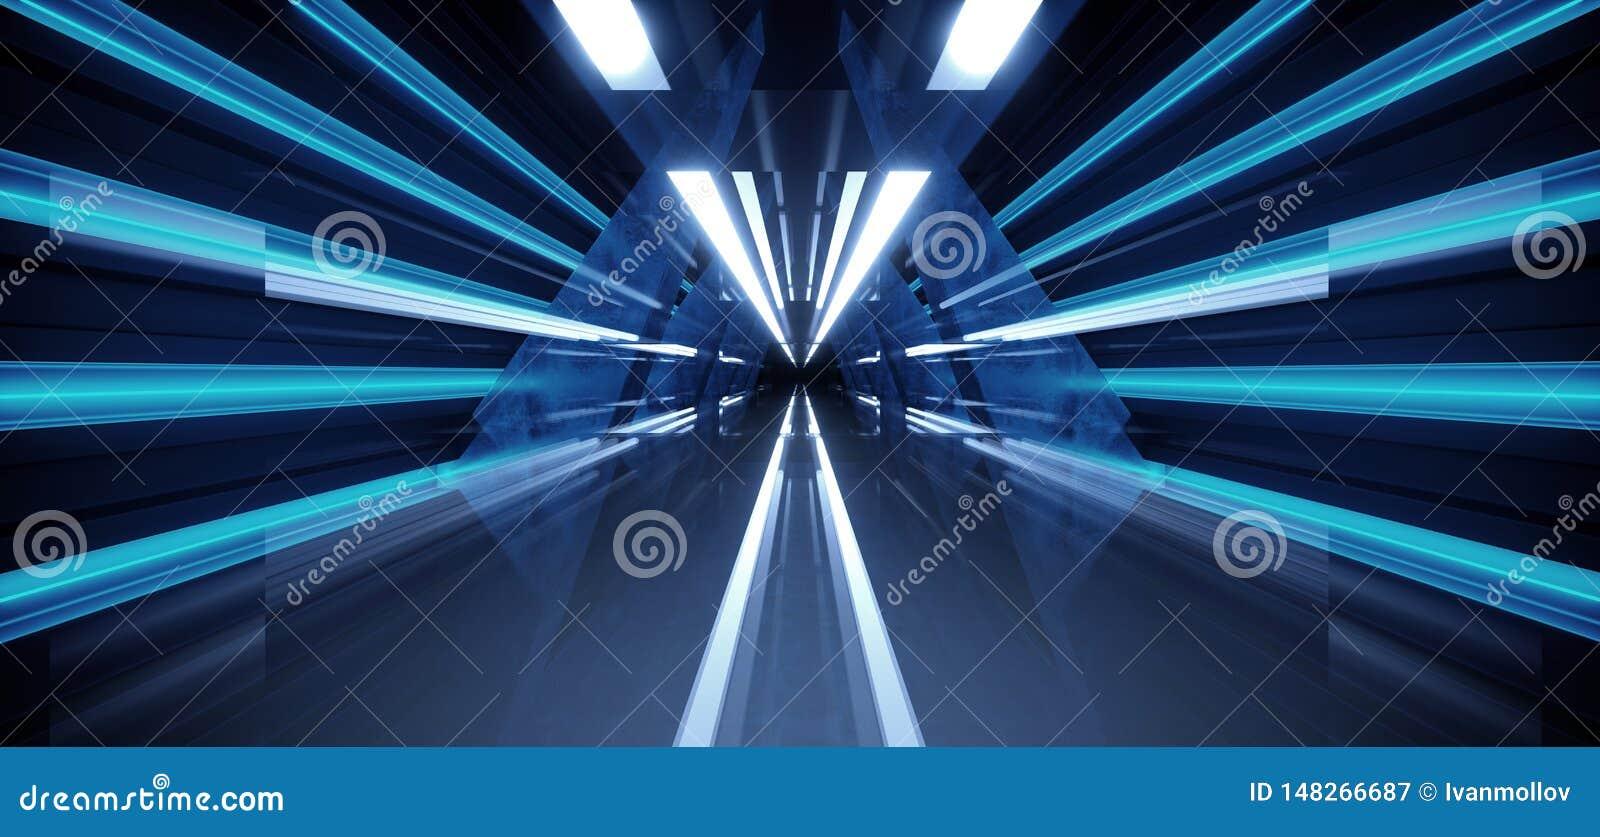 R?flexion concr?te grunge d ?tape de construction de lueur de r?tro de Sci fi futur de tunnel couloir futuriste moderne bleu somb